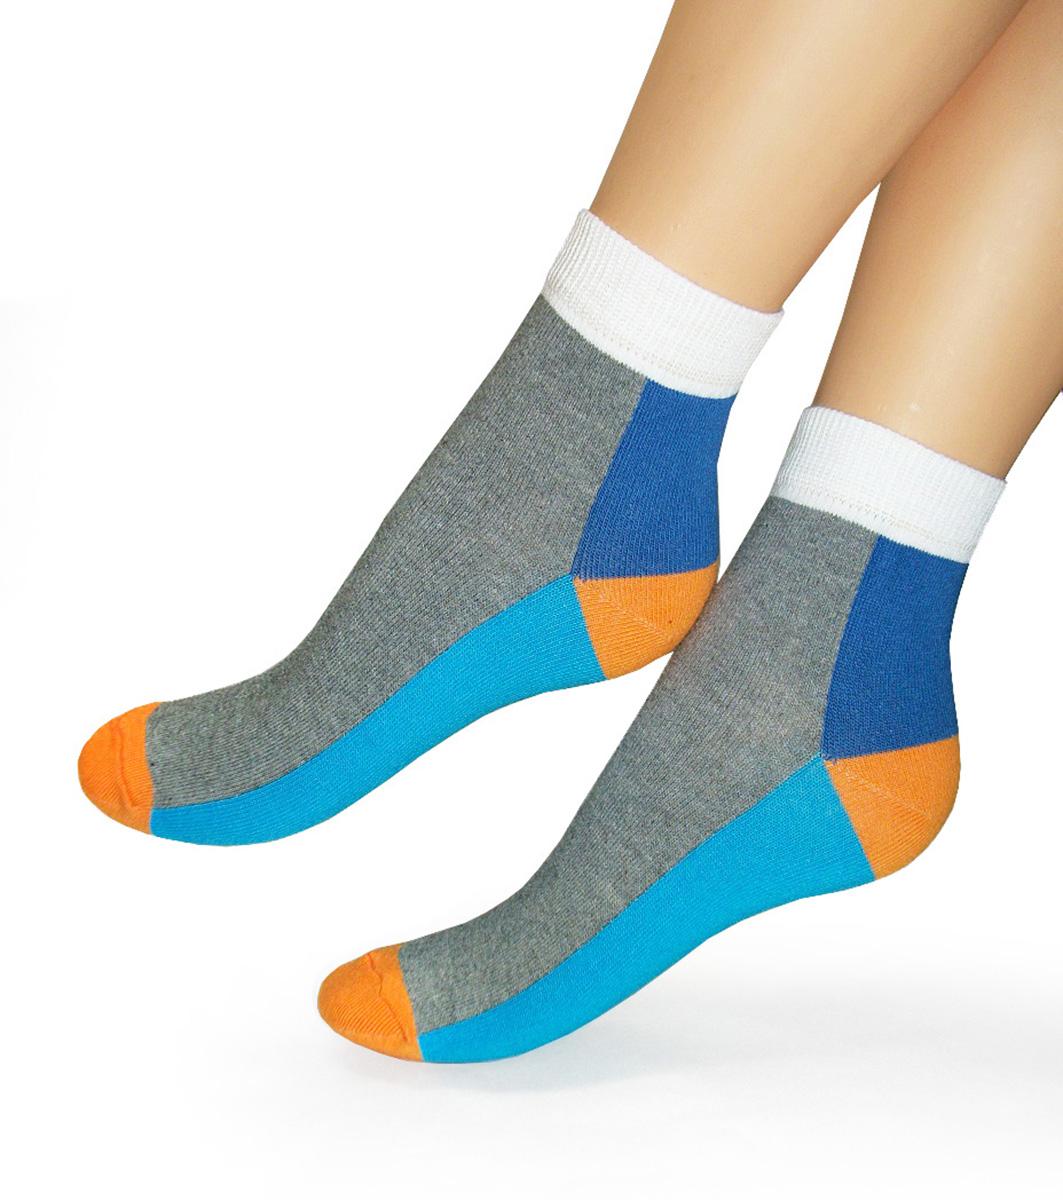 Носки женские Touch Gold, цвет: серый. 251. Размер 23/25251Удобные женские носочки Touch Gold для занятий спортом. Модель, закрывающая щиколотку. Носочки с ярким геометрическим рисунком изготовлены из лучших сортов хлопка с добавлением эластановых волокон, которые обеспечивают повышенную износостойкость, превосходную посадку и позволяют вашим ножкам дышать.